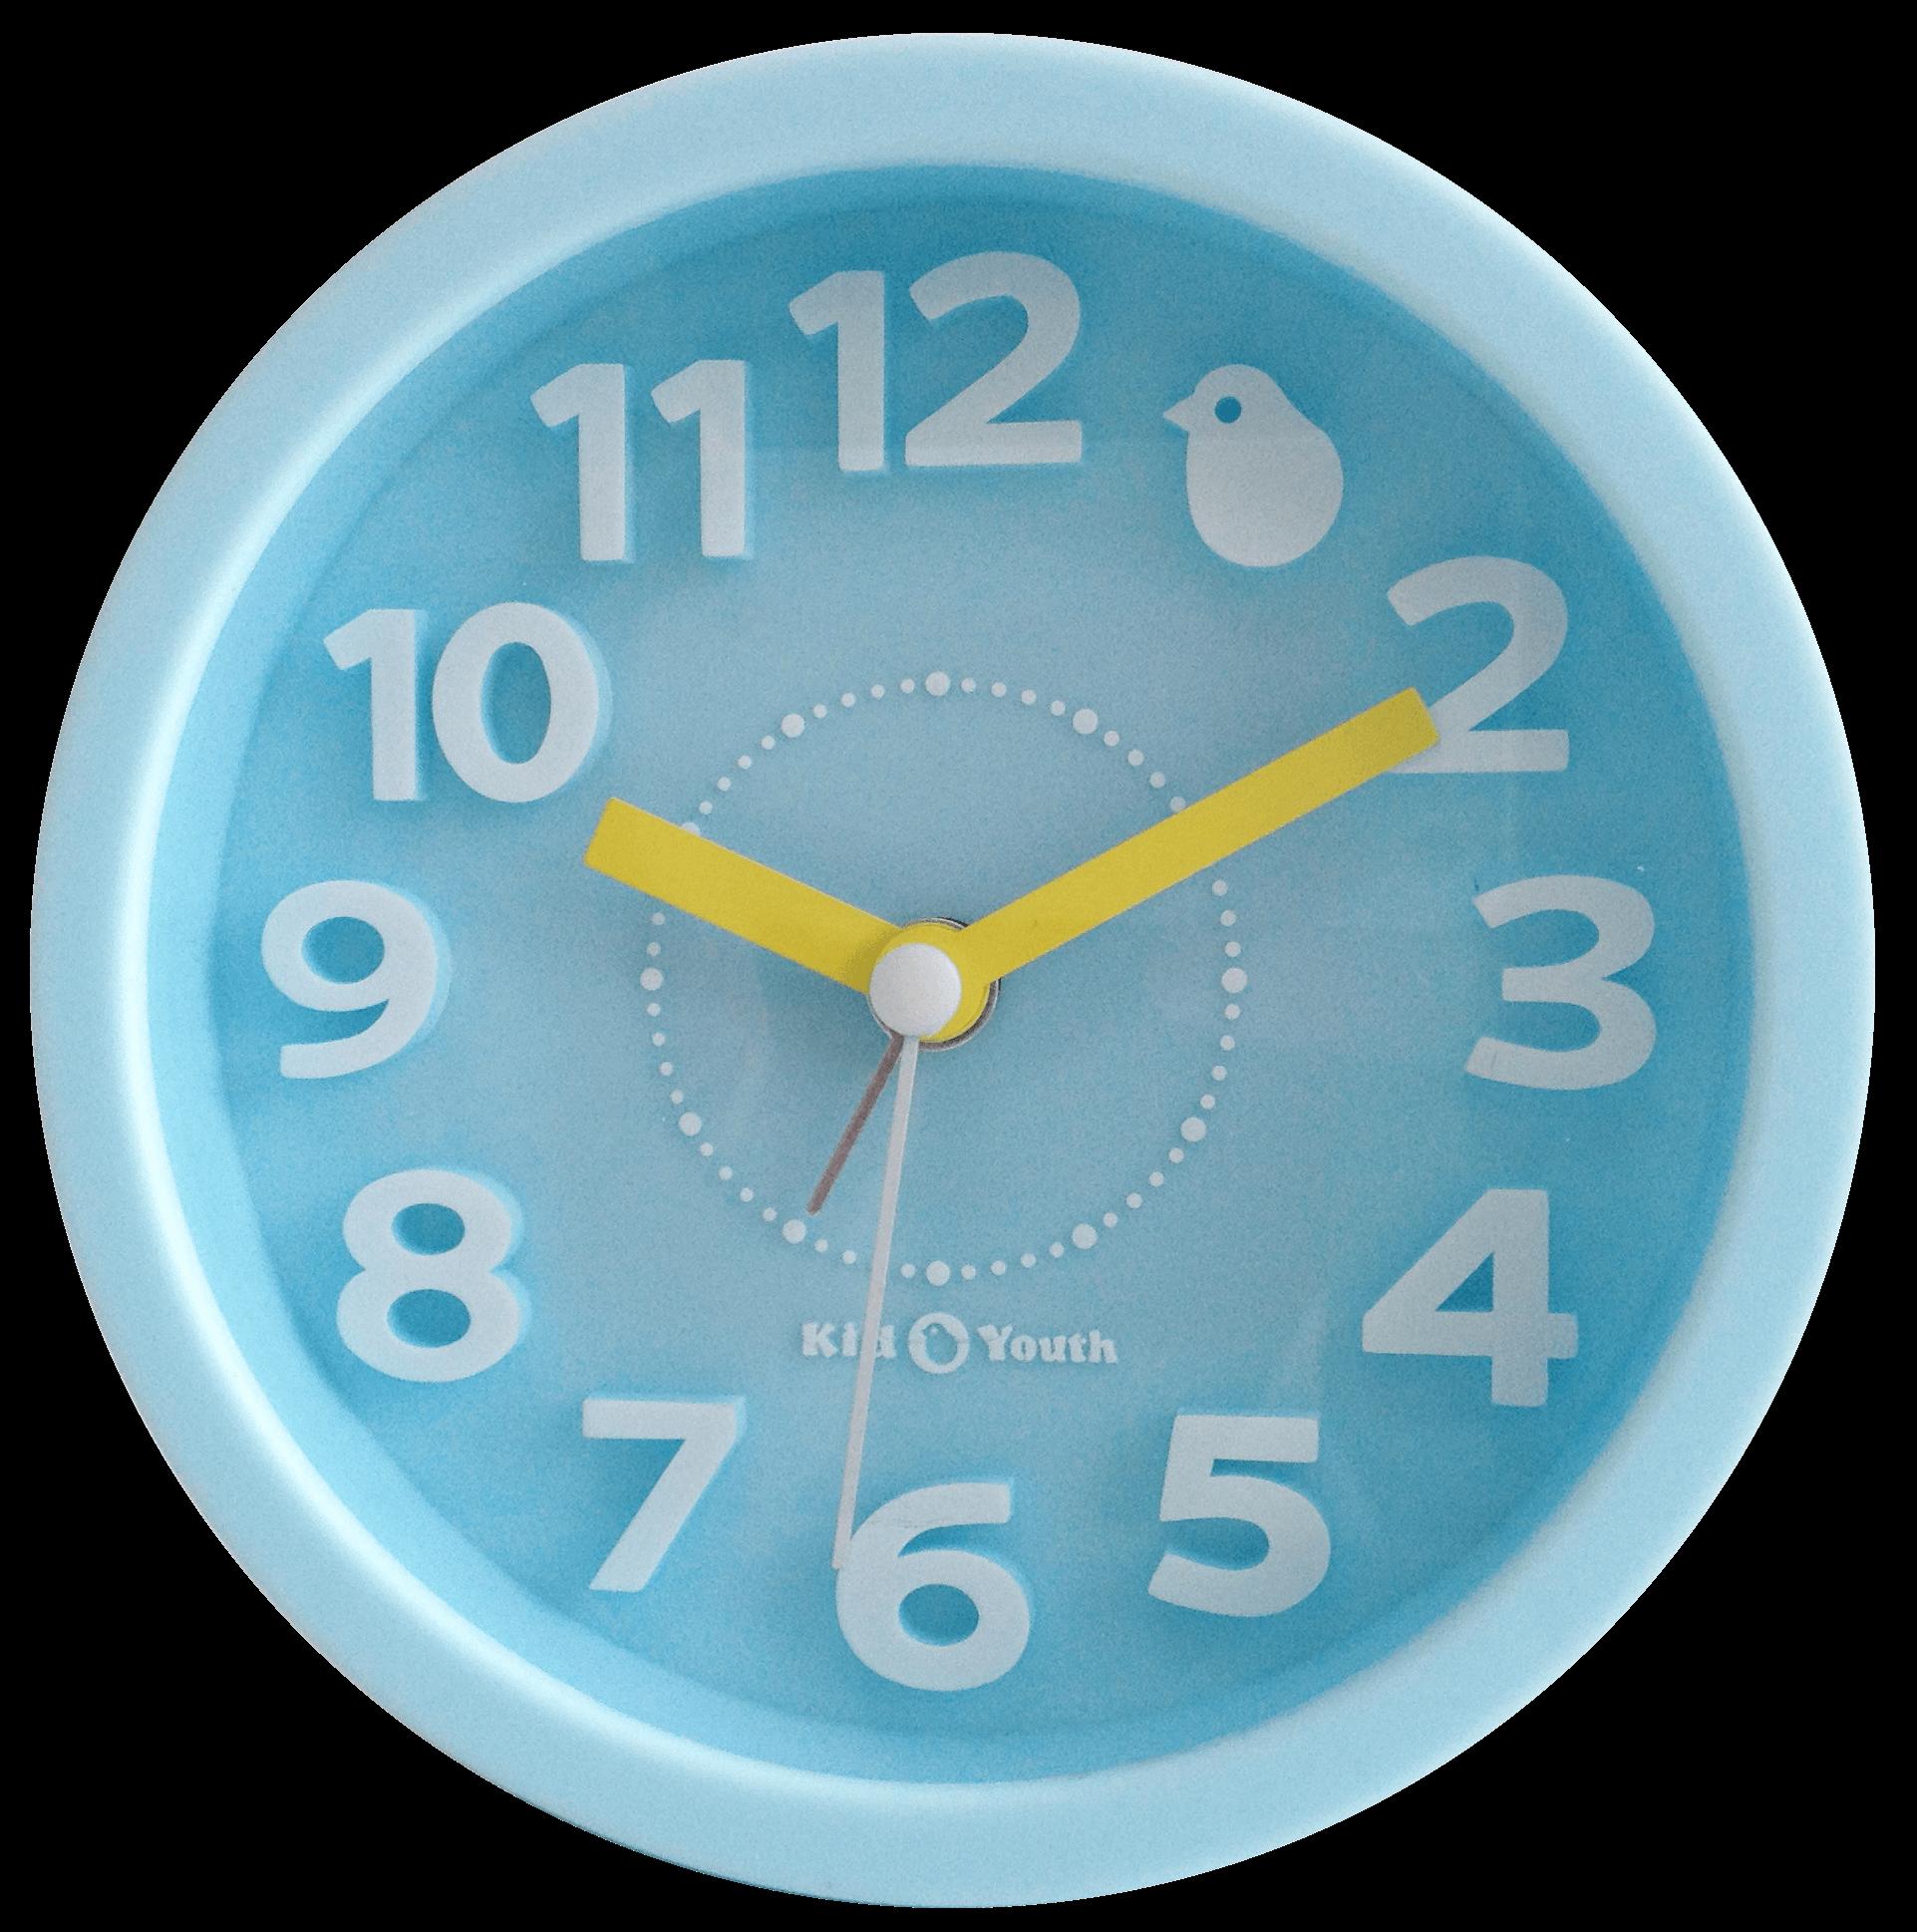 Часы-будильник TCT Nanotec ГолубойАксессуары<br><br>Цвет: Голубой; Бренд: TCT Nanotec; Ширина (см): 12; Глубина (см): 2,5; Высота (см): 12;